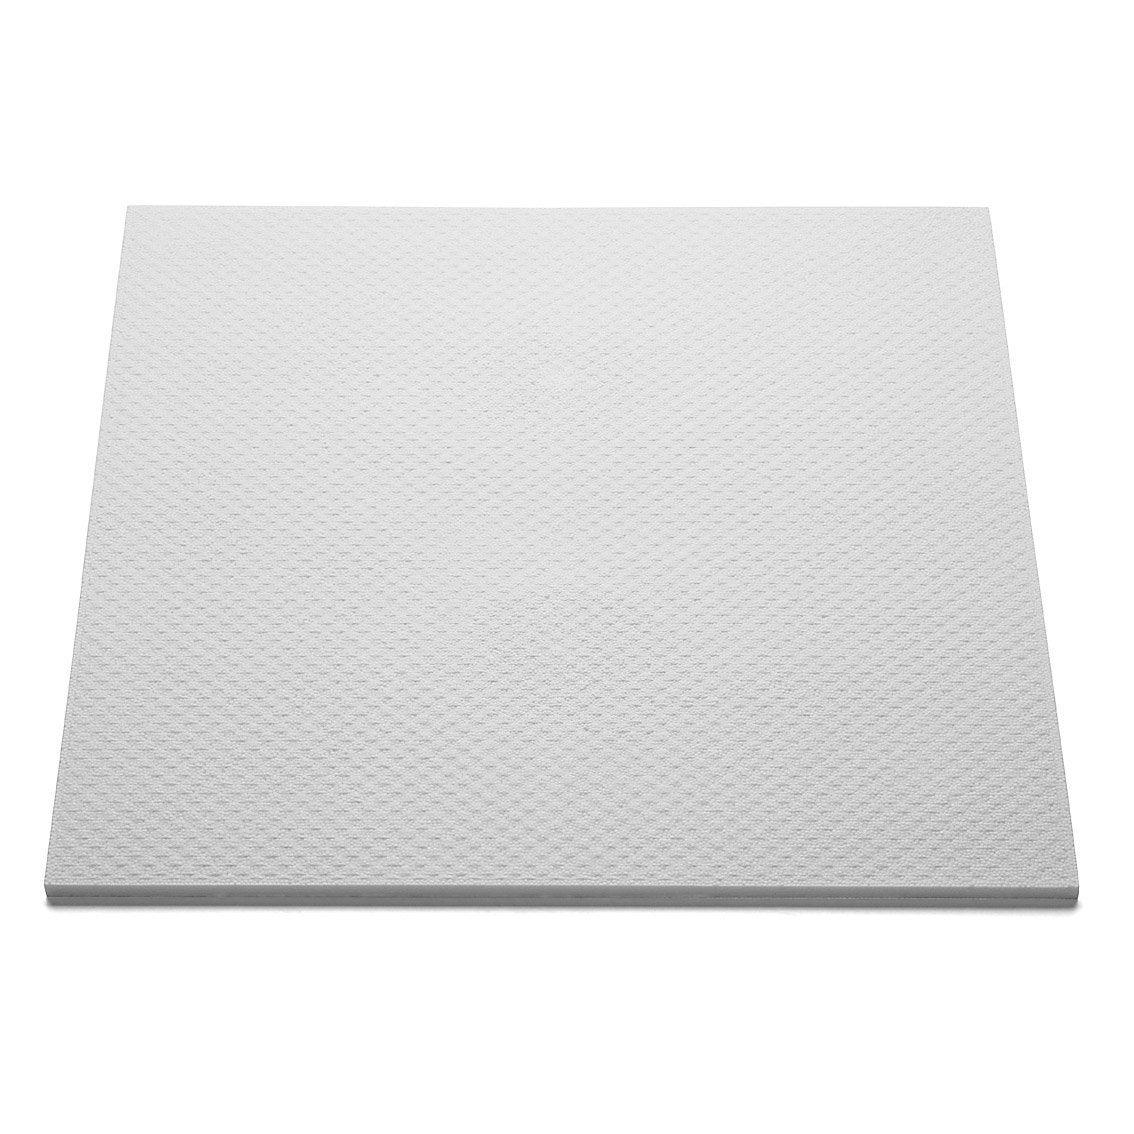 Dalle de plafond t 141 50 x 50 cm p 10 mm polystyr ne expans lot de 2m - Dalle de plafond polystyrene ...